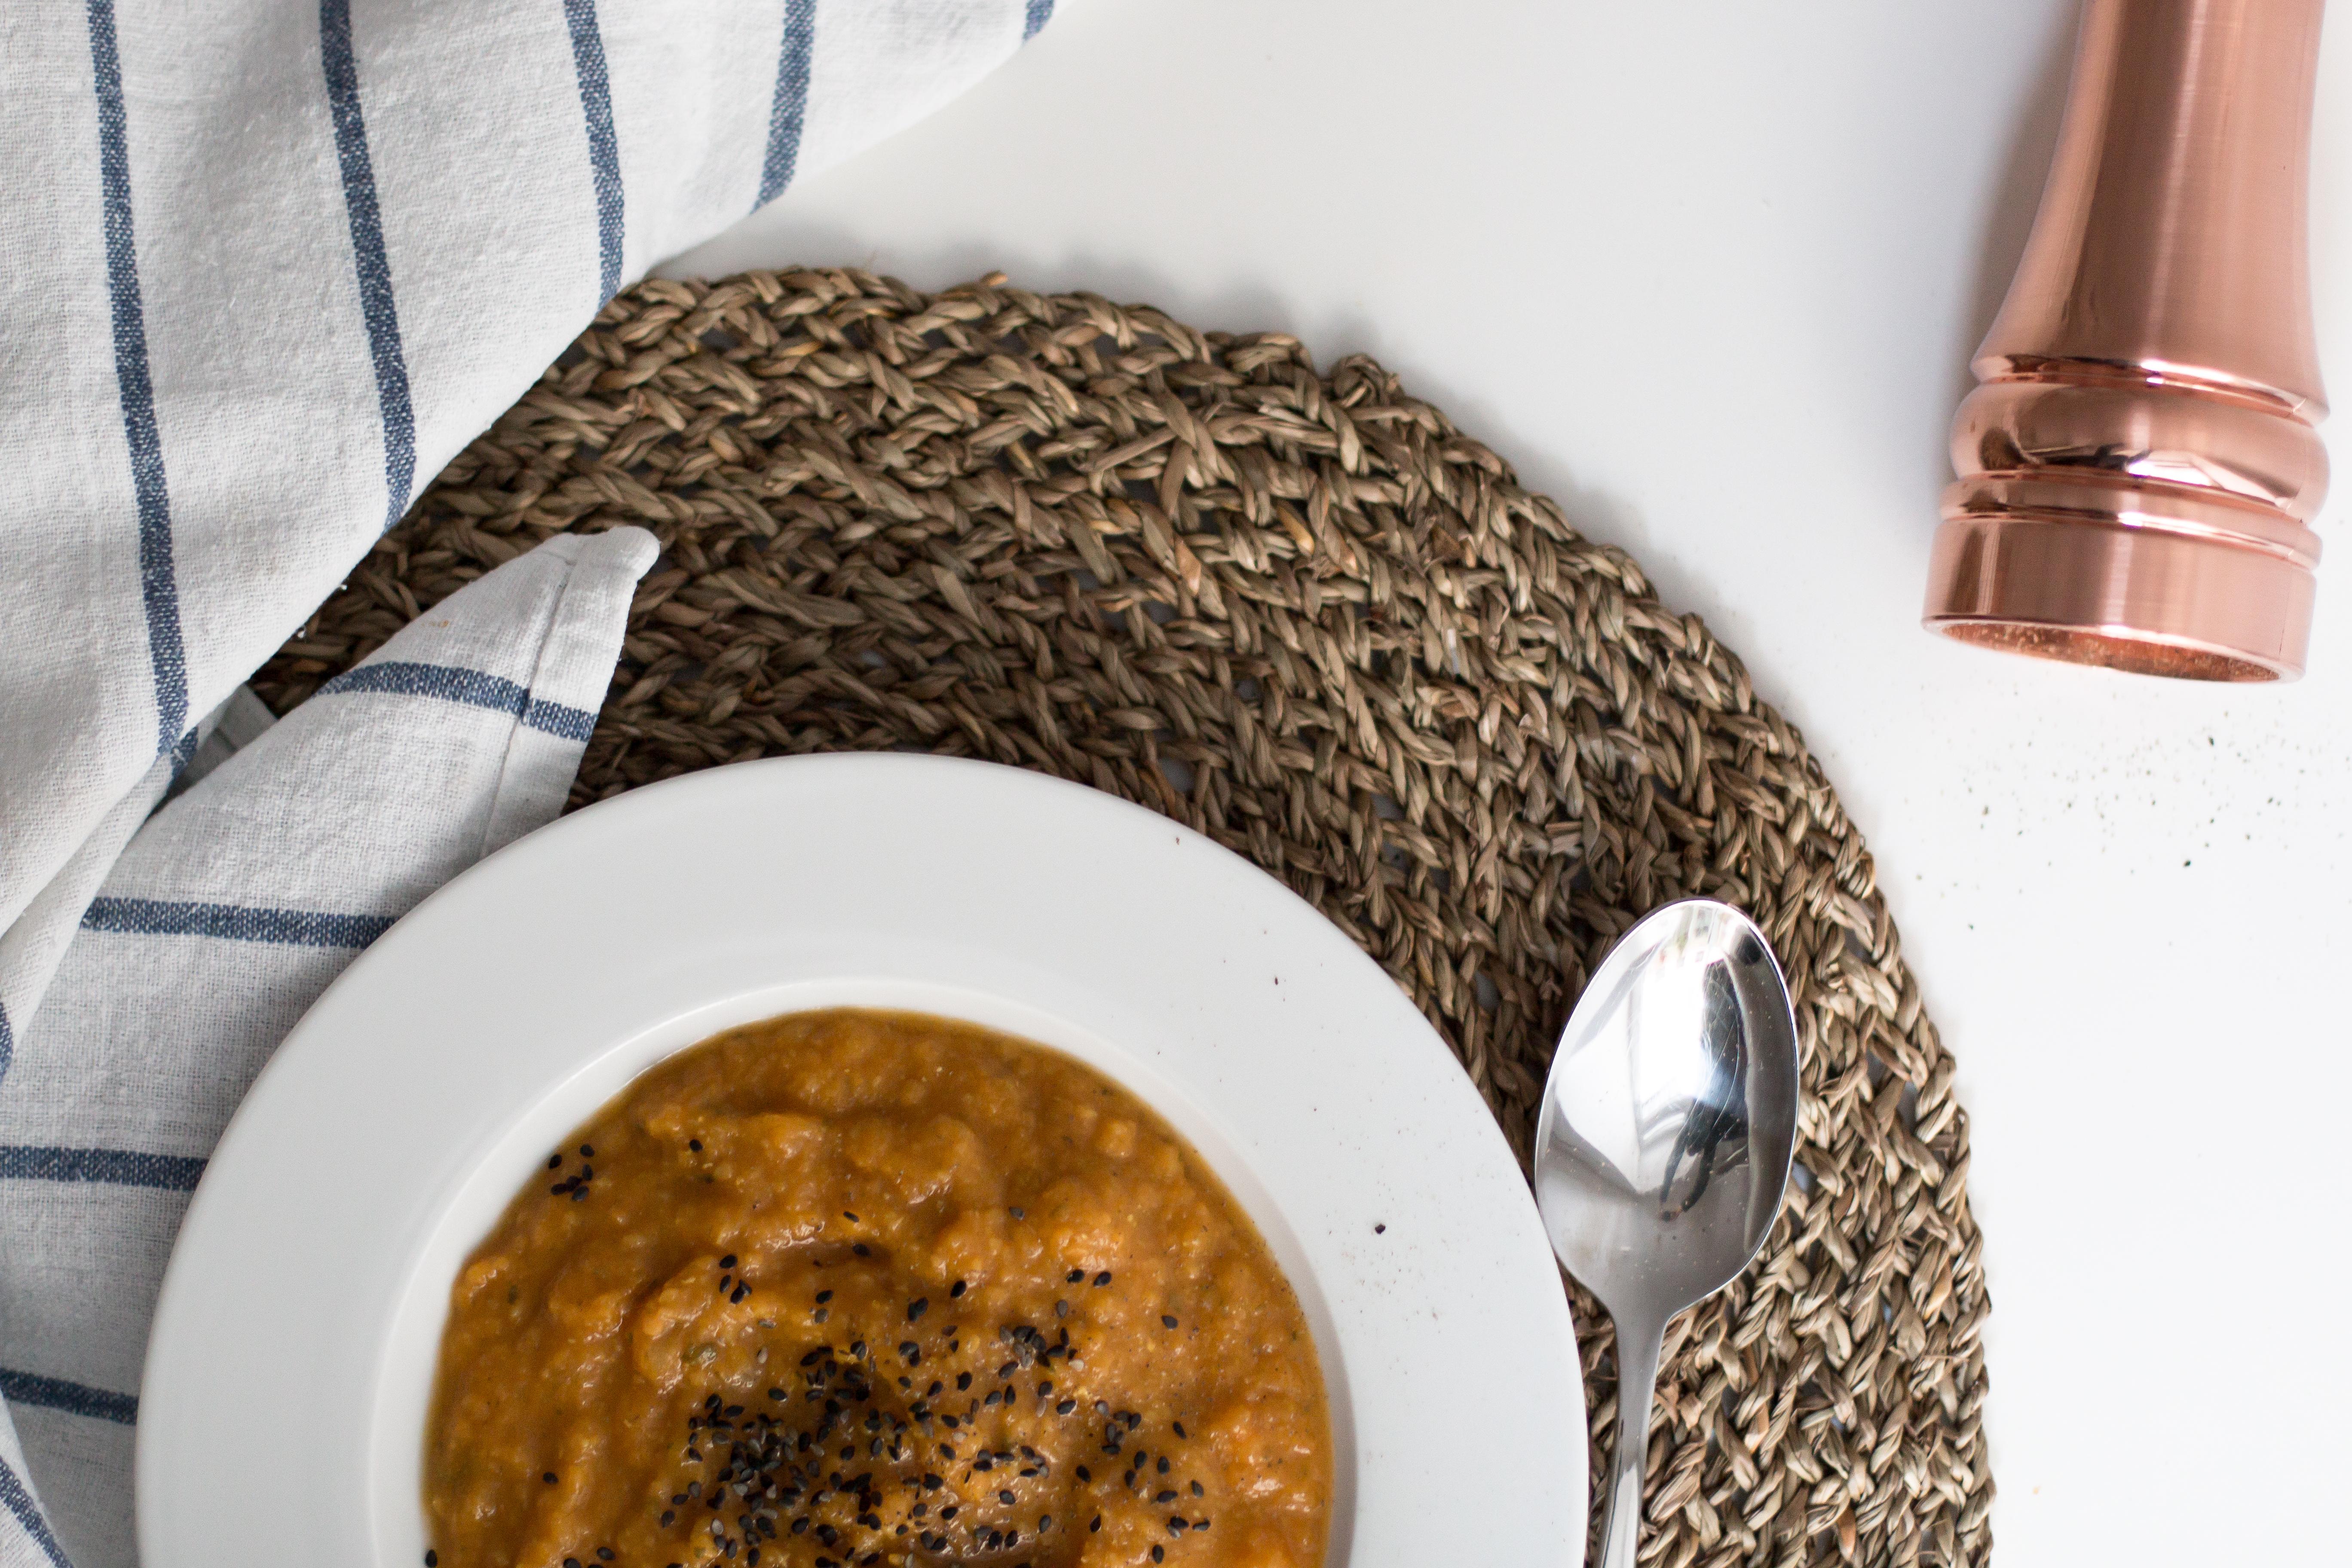 REZEPT: Butternut-Kürbis-Suppe | vegan